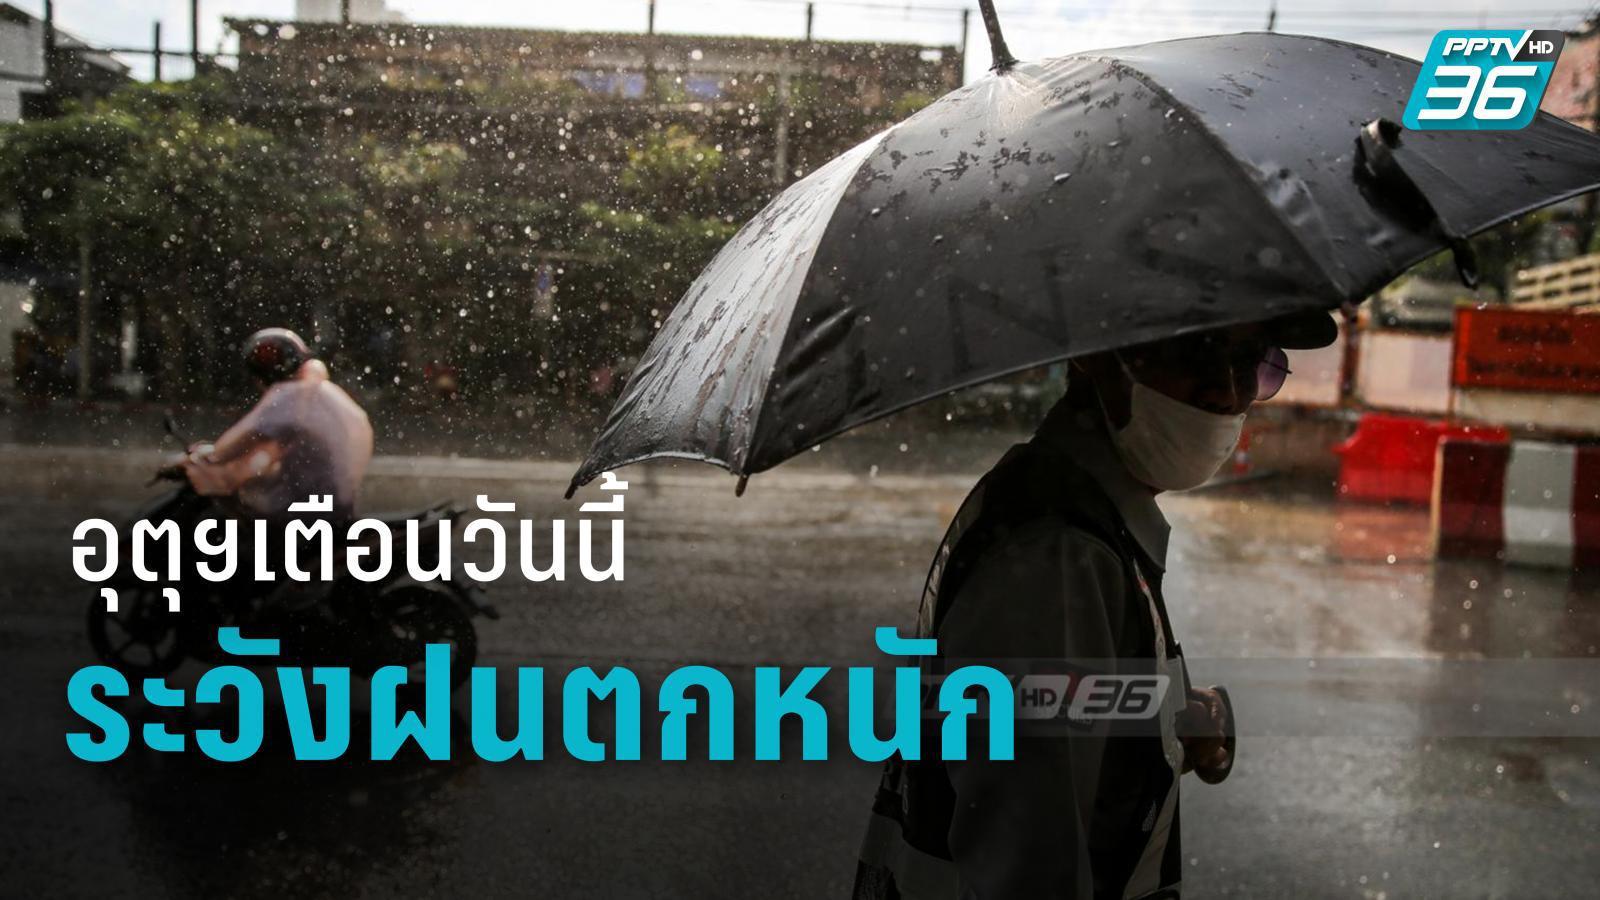 อุตุฯเตือน กทม.ฝนตกร้อยละ 70 ของพื้นที่